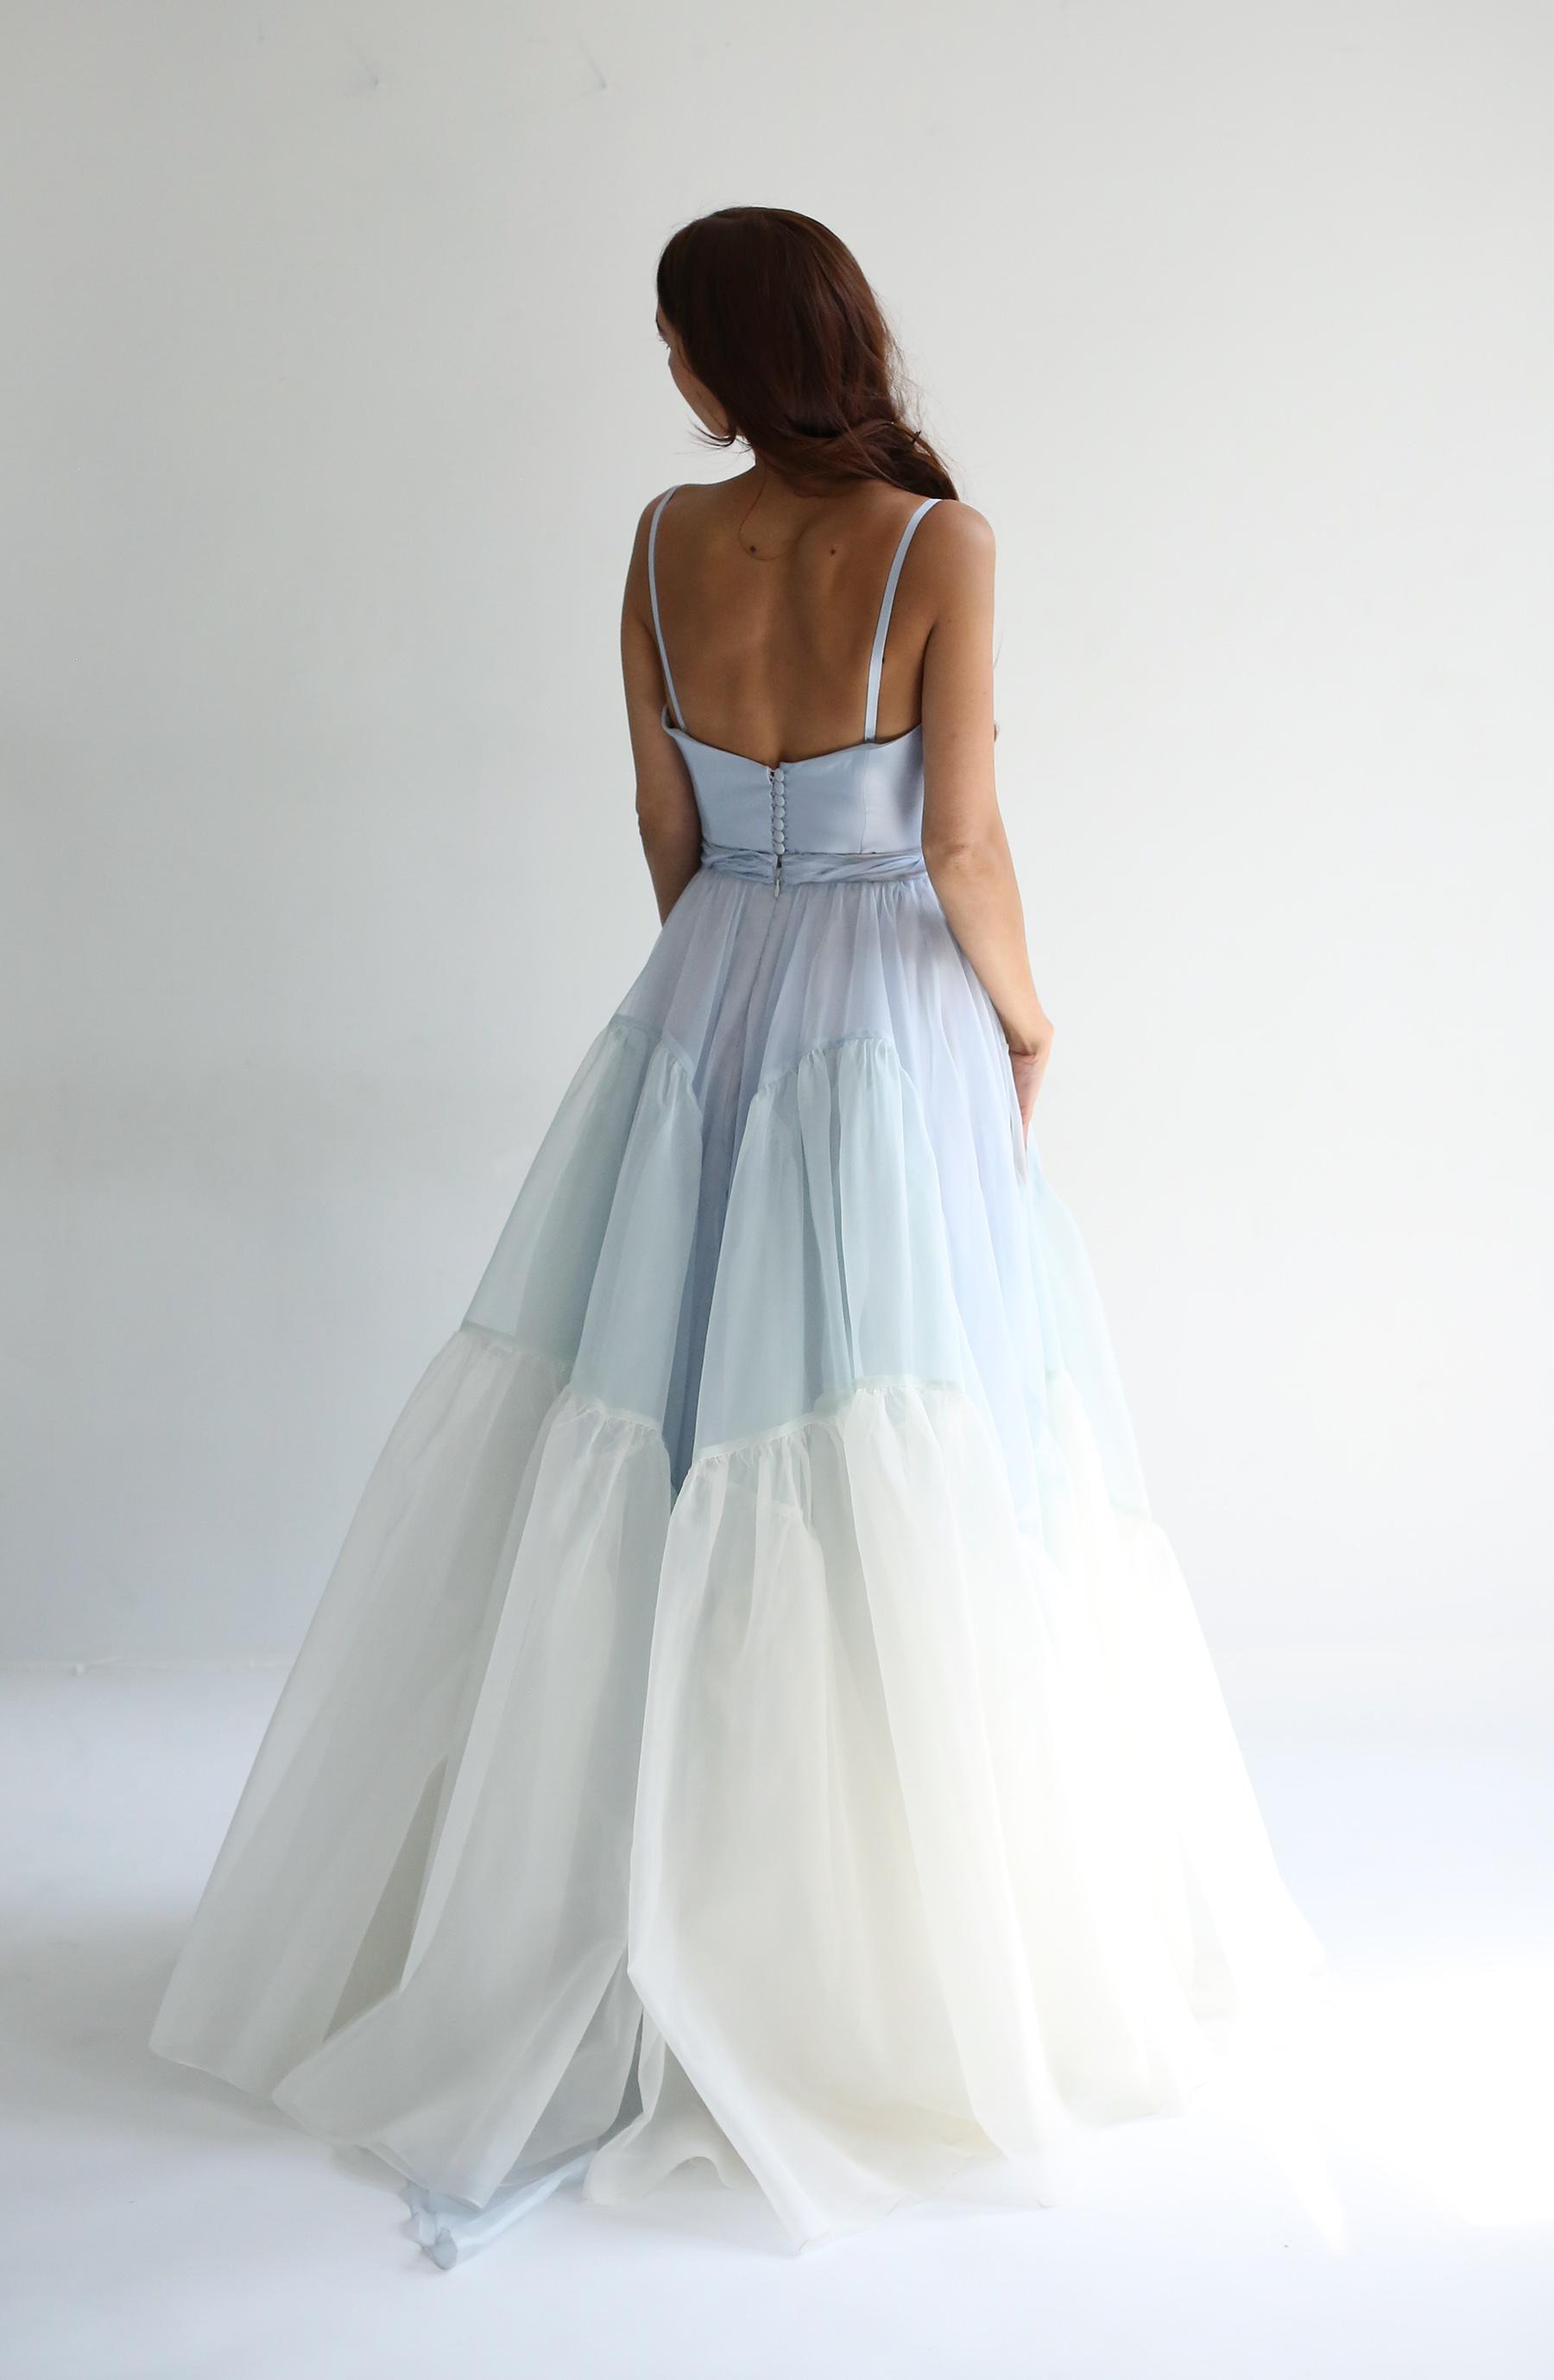 leanne-marshall-bridal-17.jpg